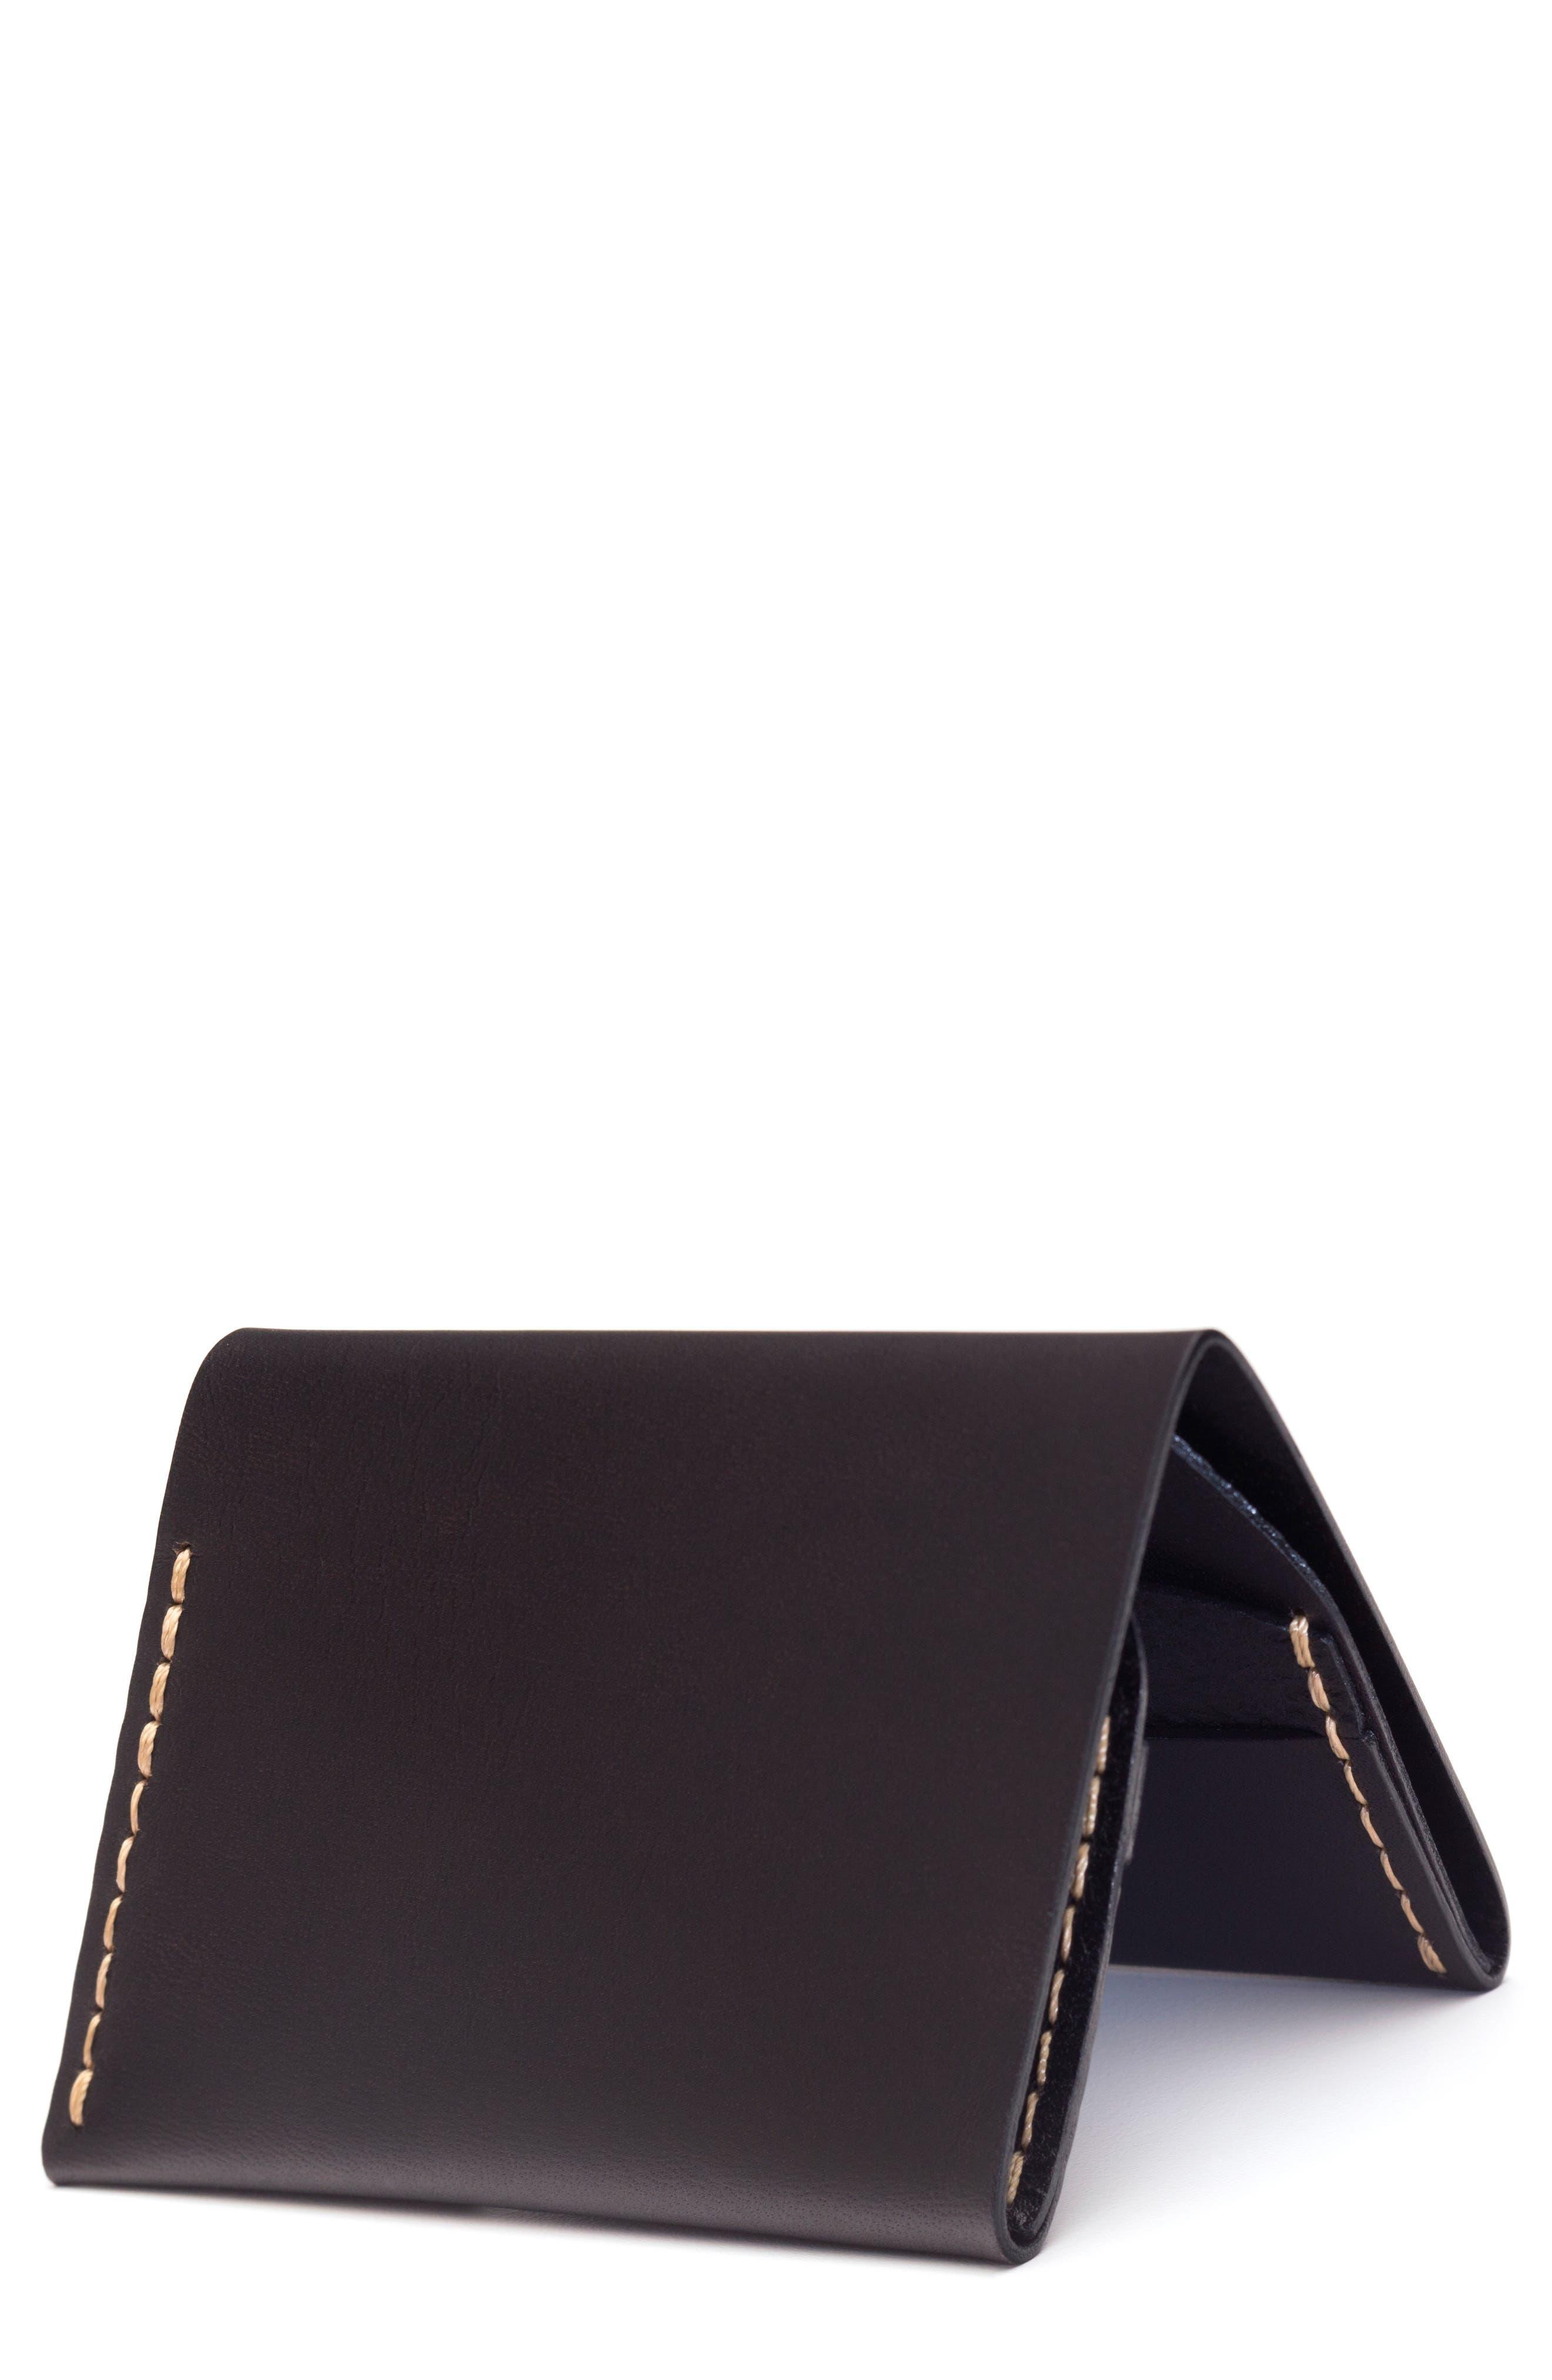 EZRA ARTHUR, No. 4 Leather Wallet, Main thumbnail 1, color, JET TOP STITCH